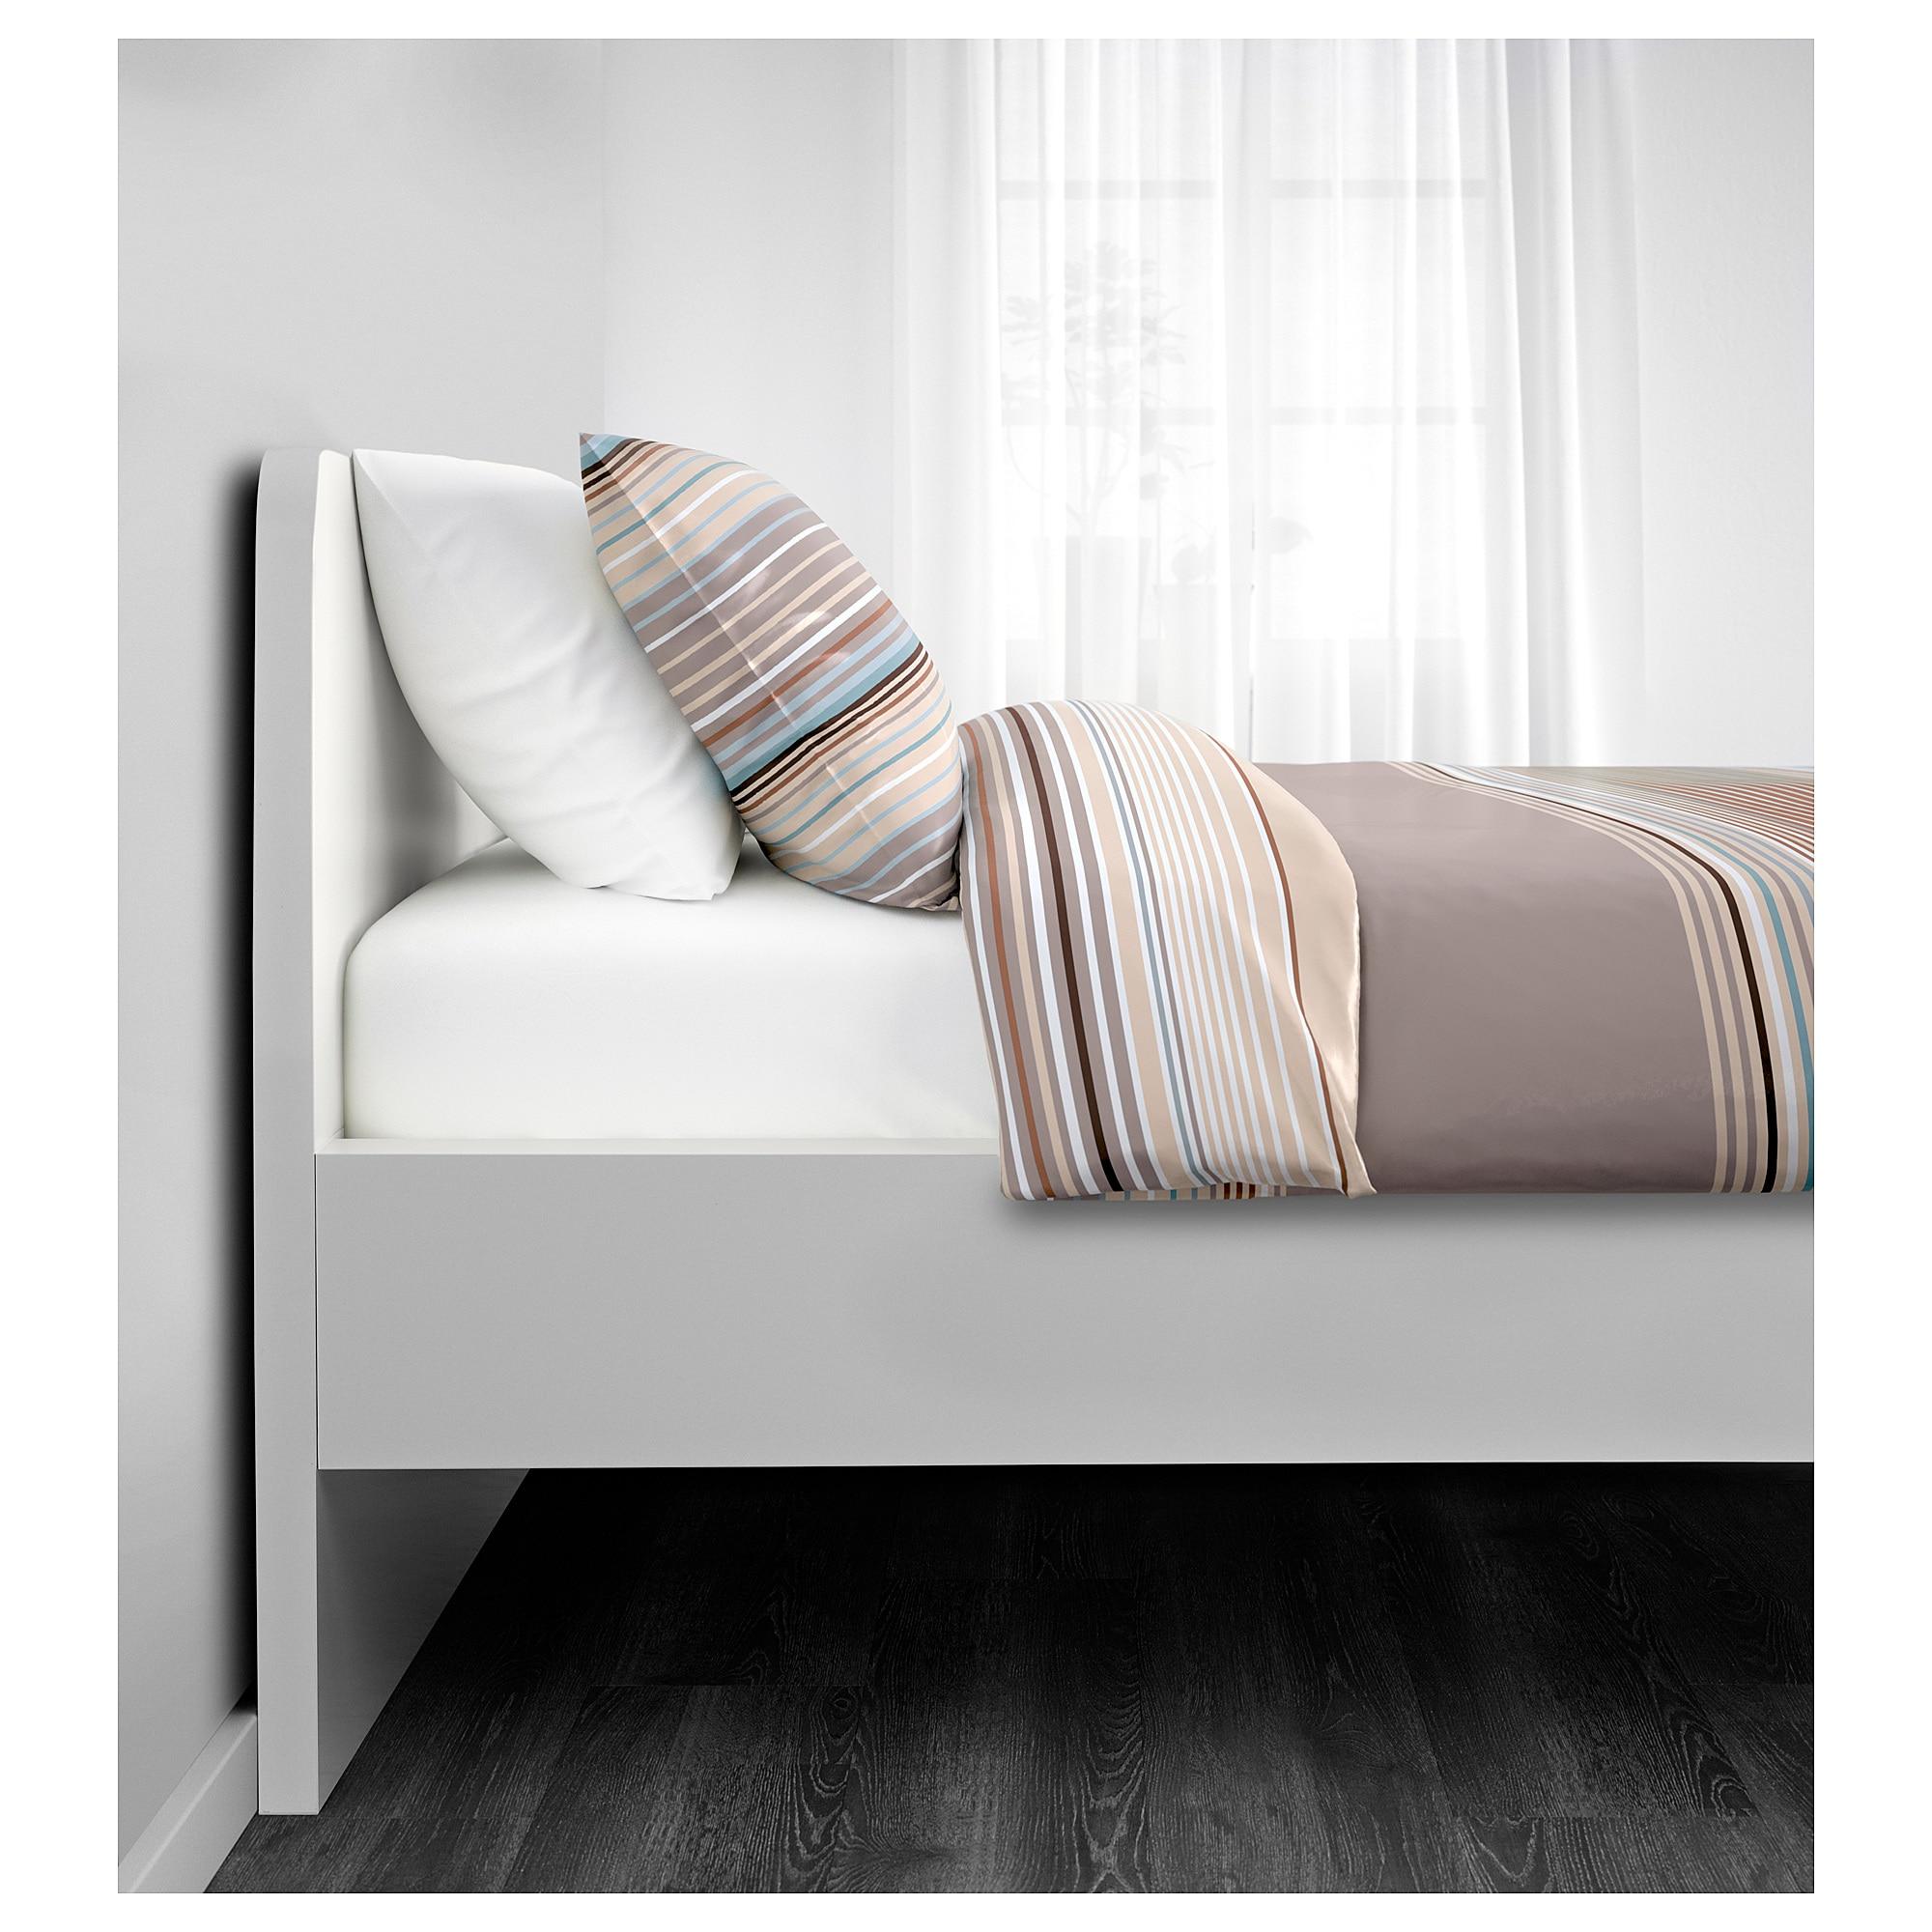 Doppelbett Mit Bettkasten Ikea - Zuhause